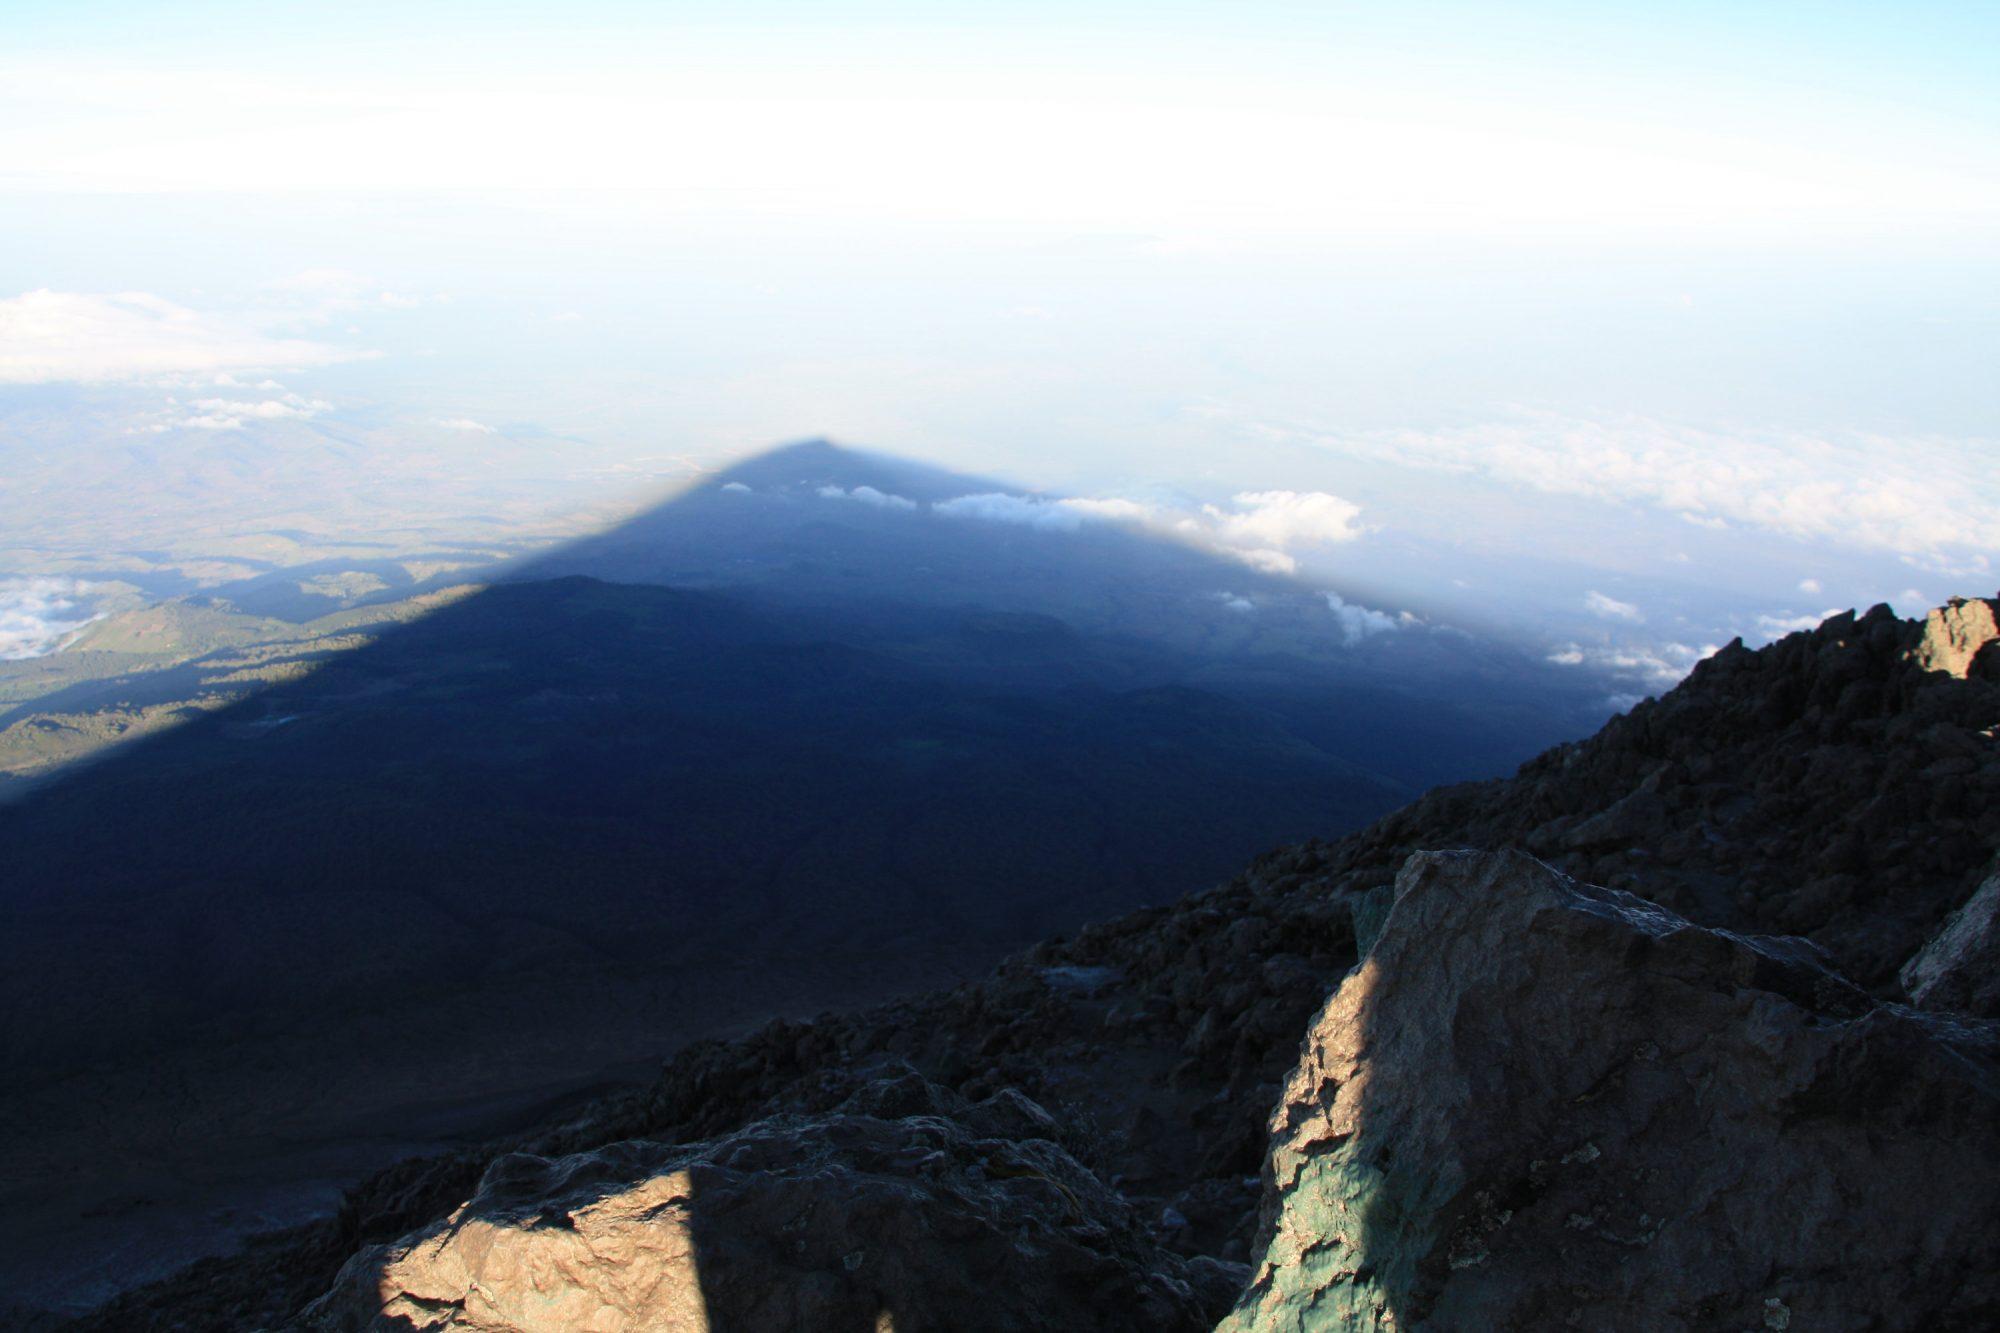 Der Schatten des Mount Meru, Mount Meru Besteigung, Tour, Erfahrungsbericht, Afrika, Tansania, Bergtour